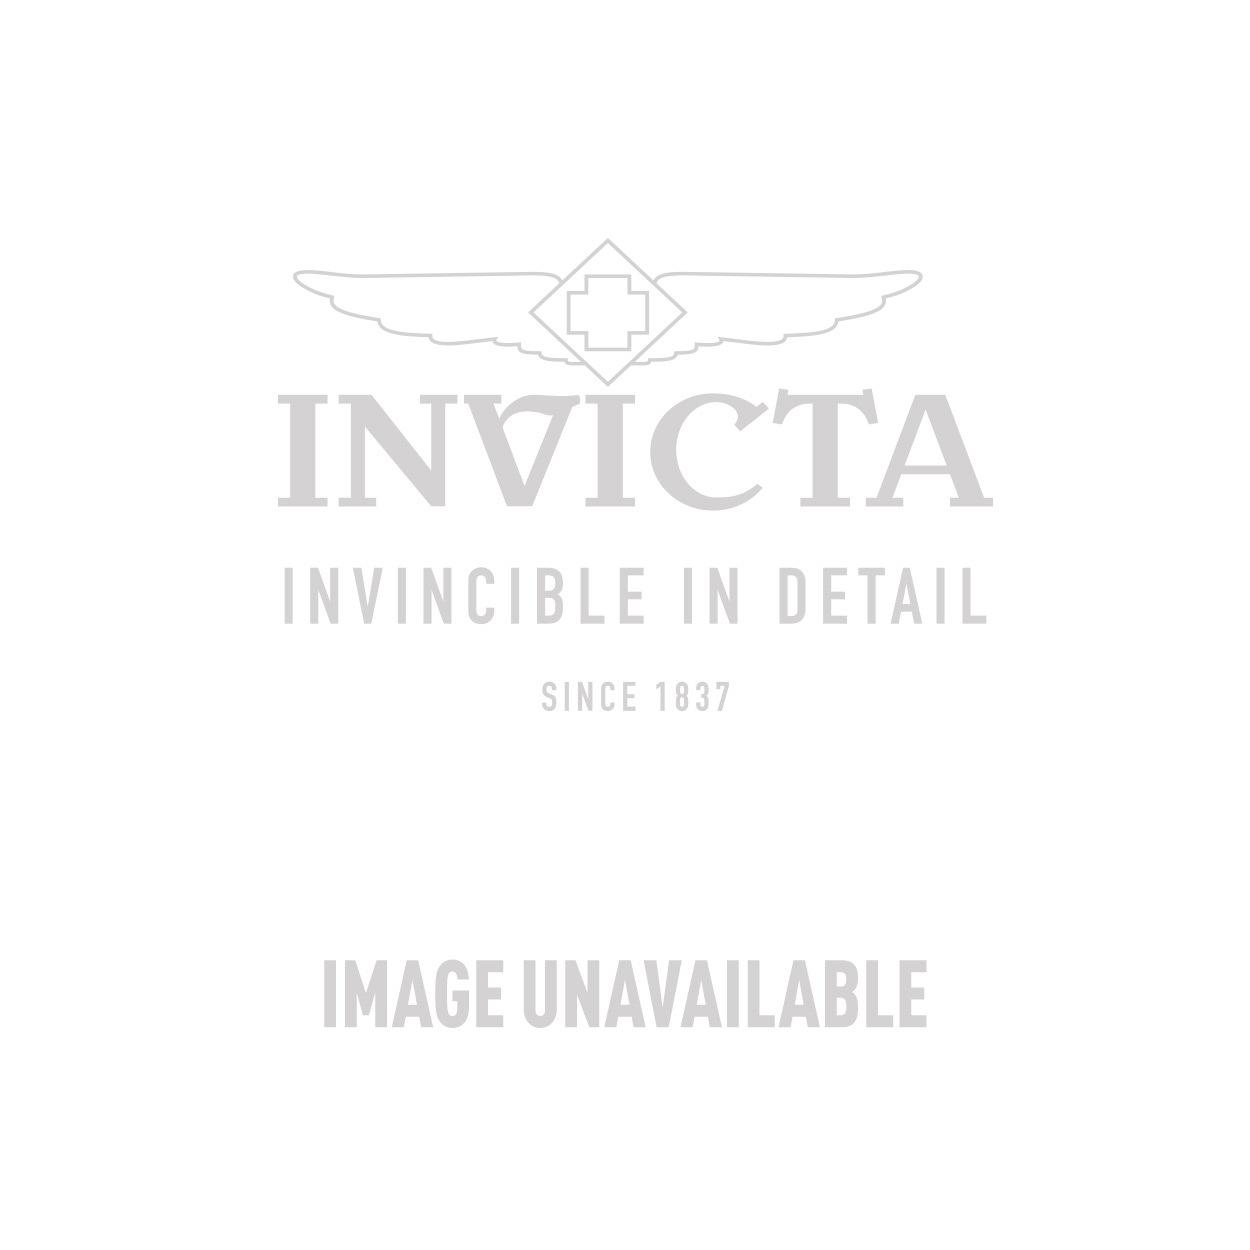 Invicta Model 25484